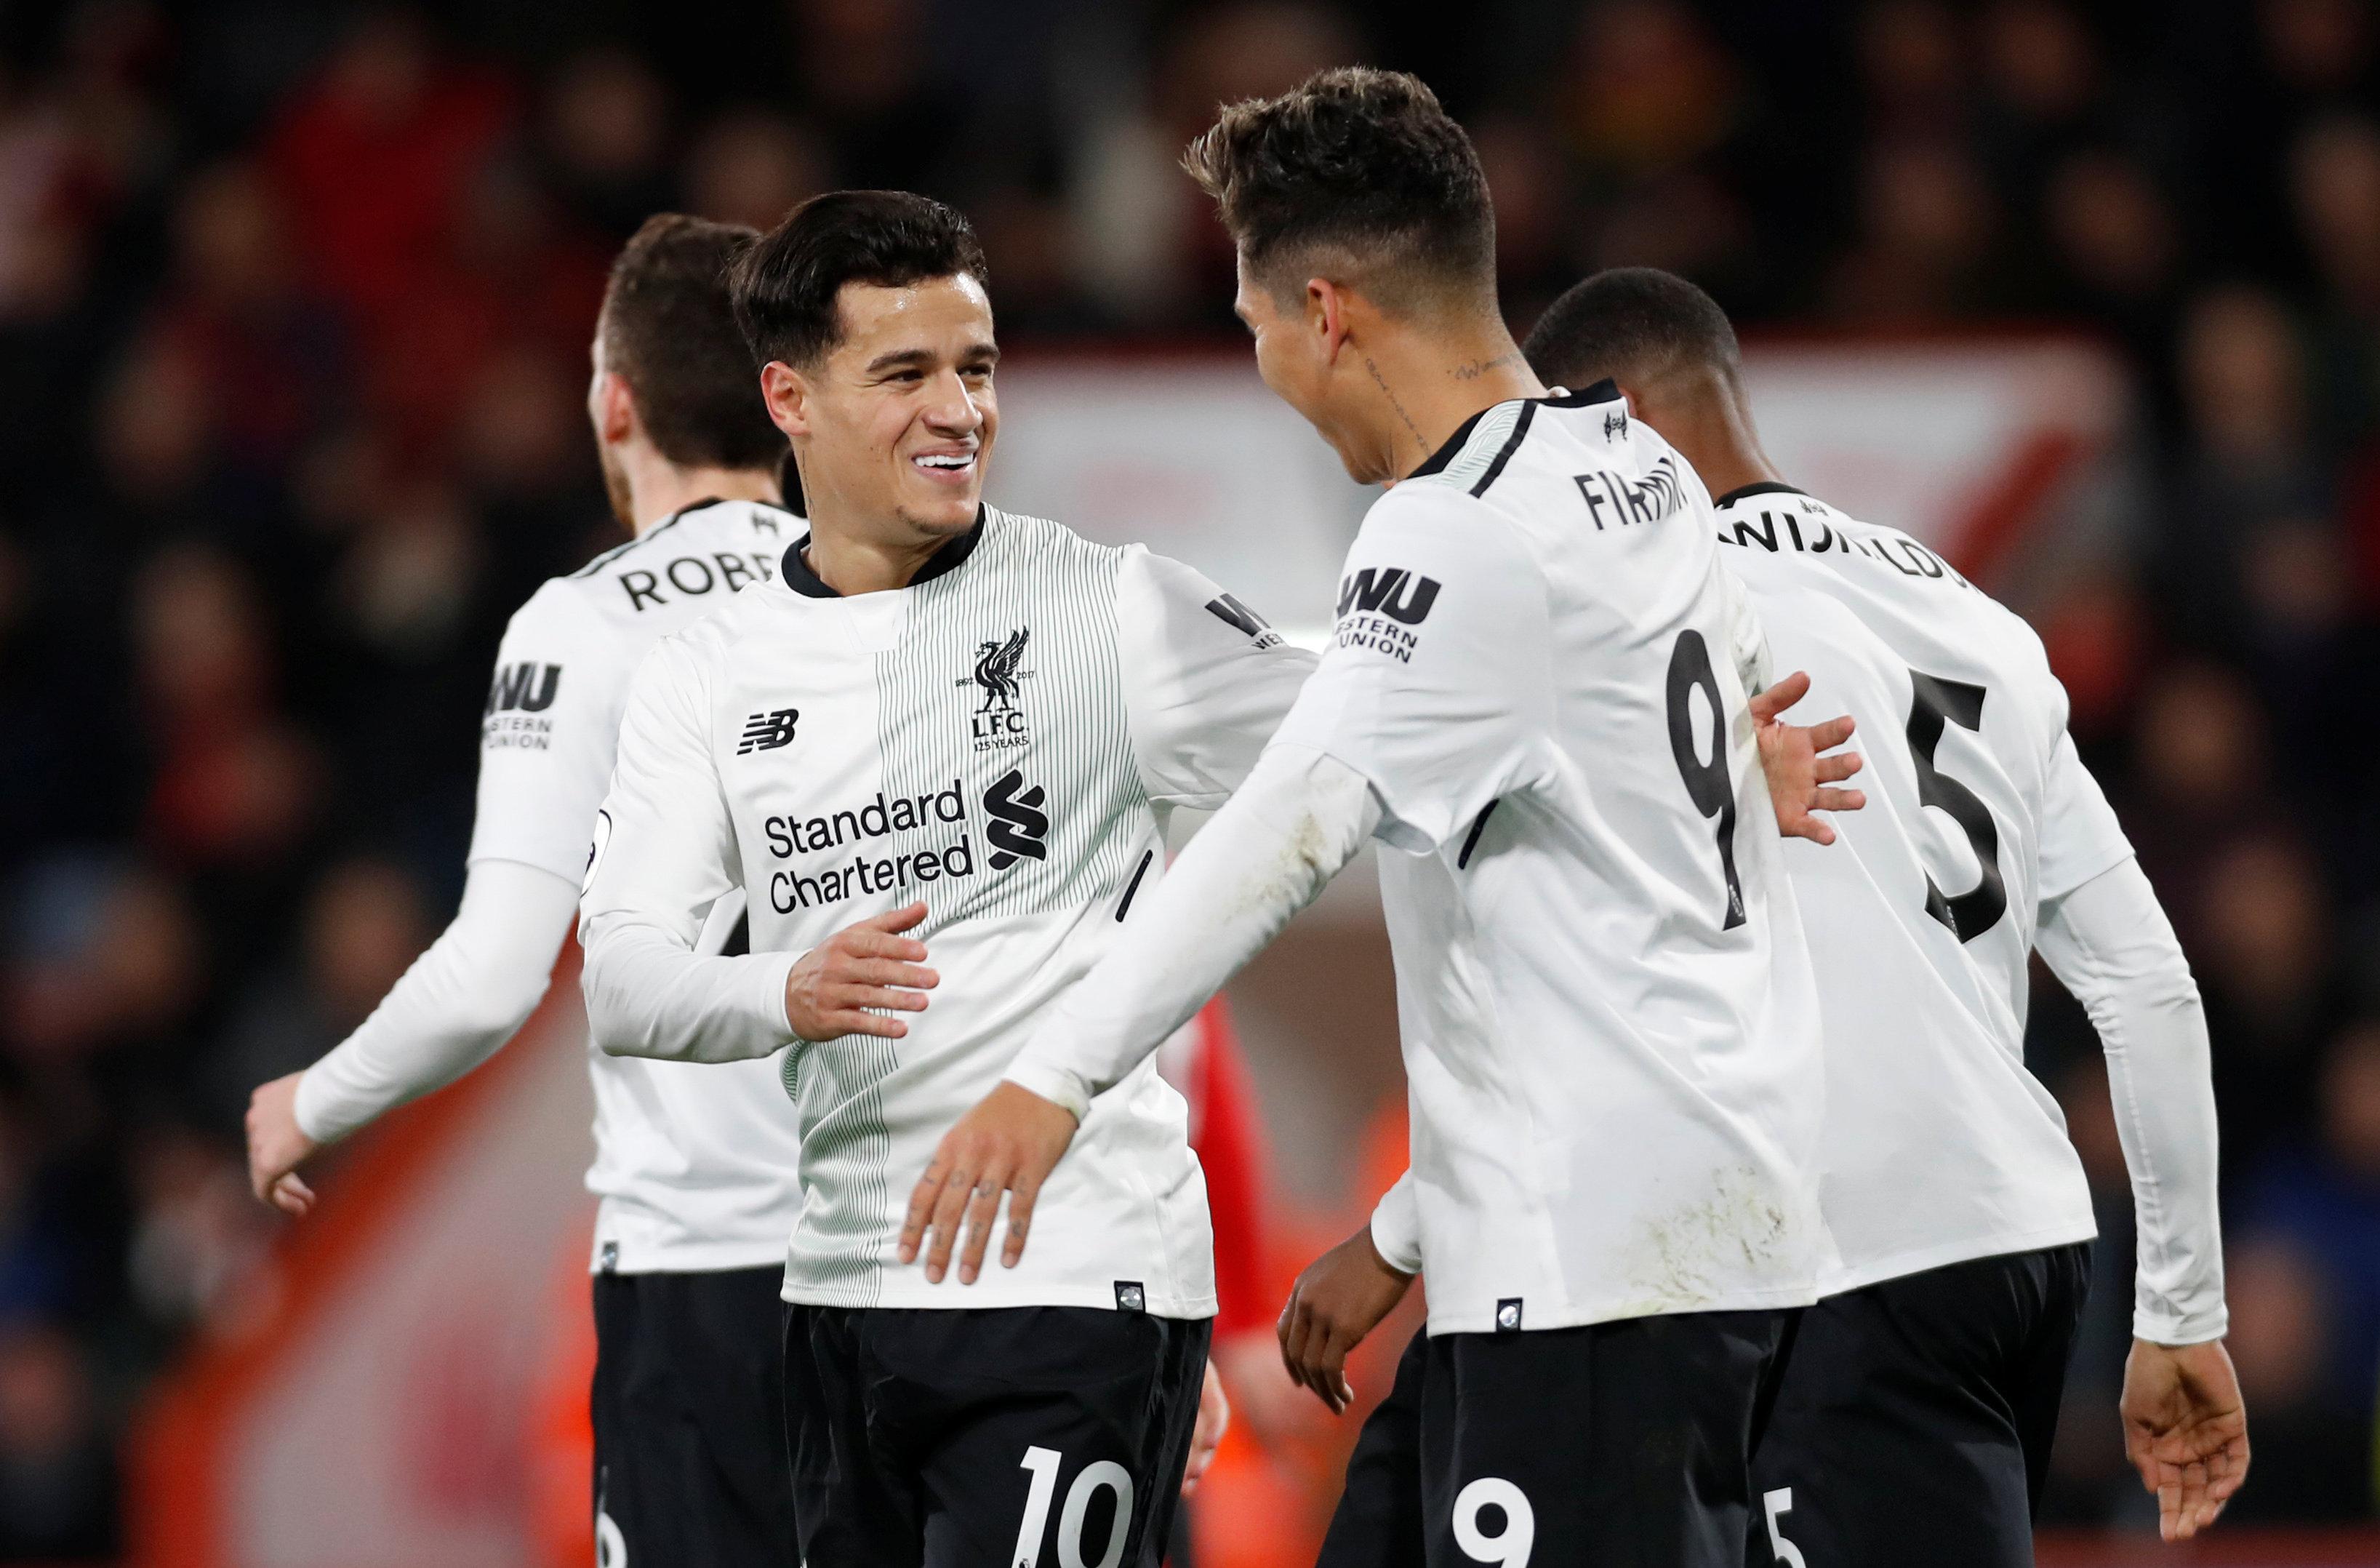 Niềm vui của Coutinho (trái) sau khi mở tỉ số cho Liverpool. Ảnh: REUTERS